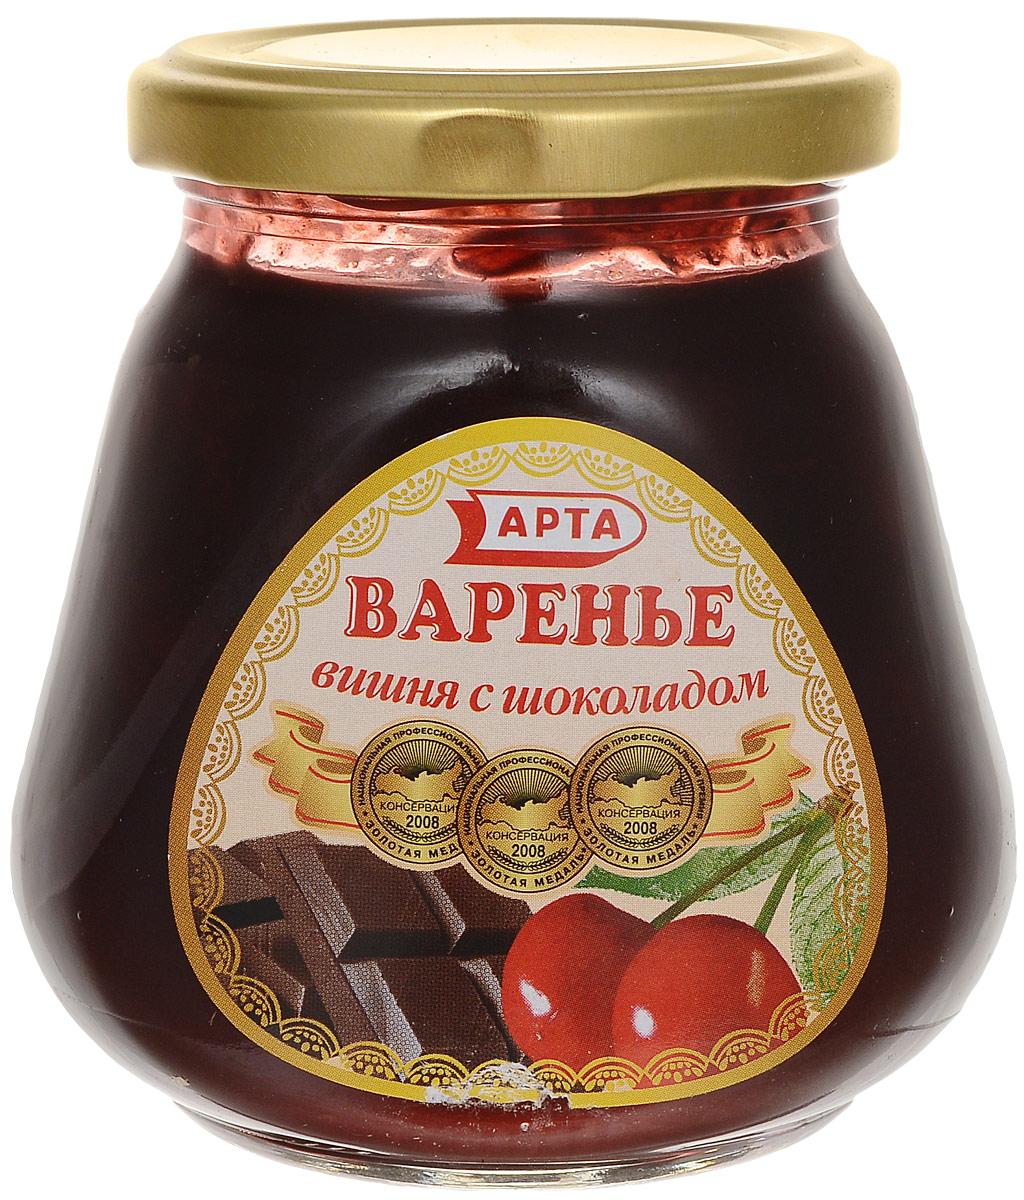 Арта варенье из вишни и шоколада, 340 г